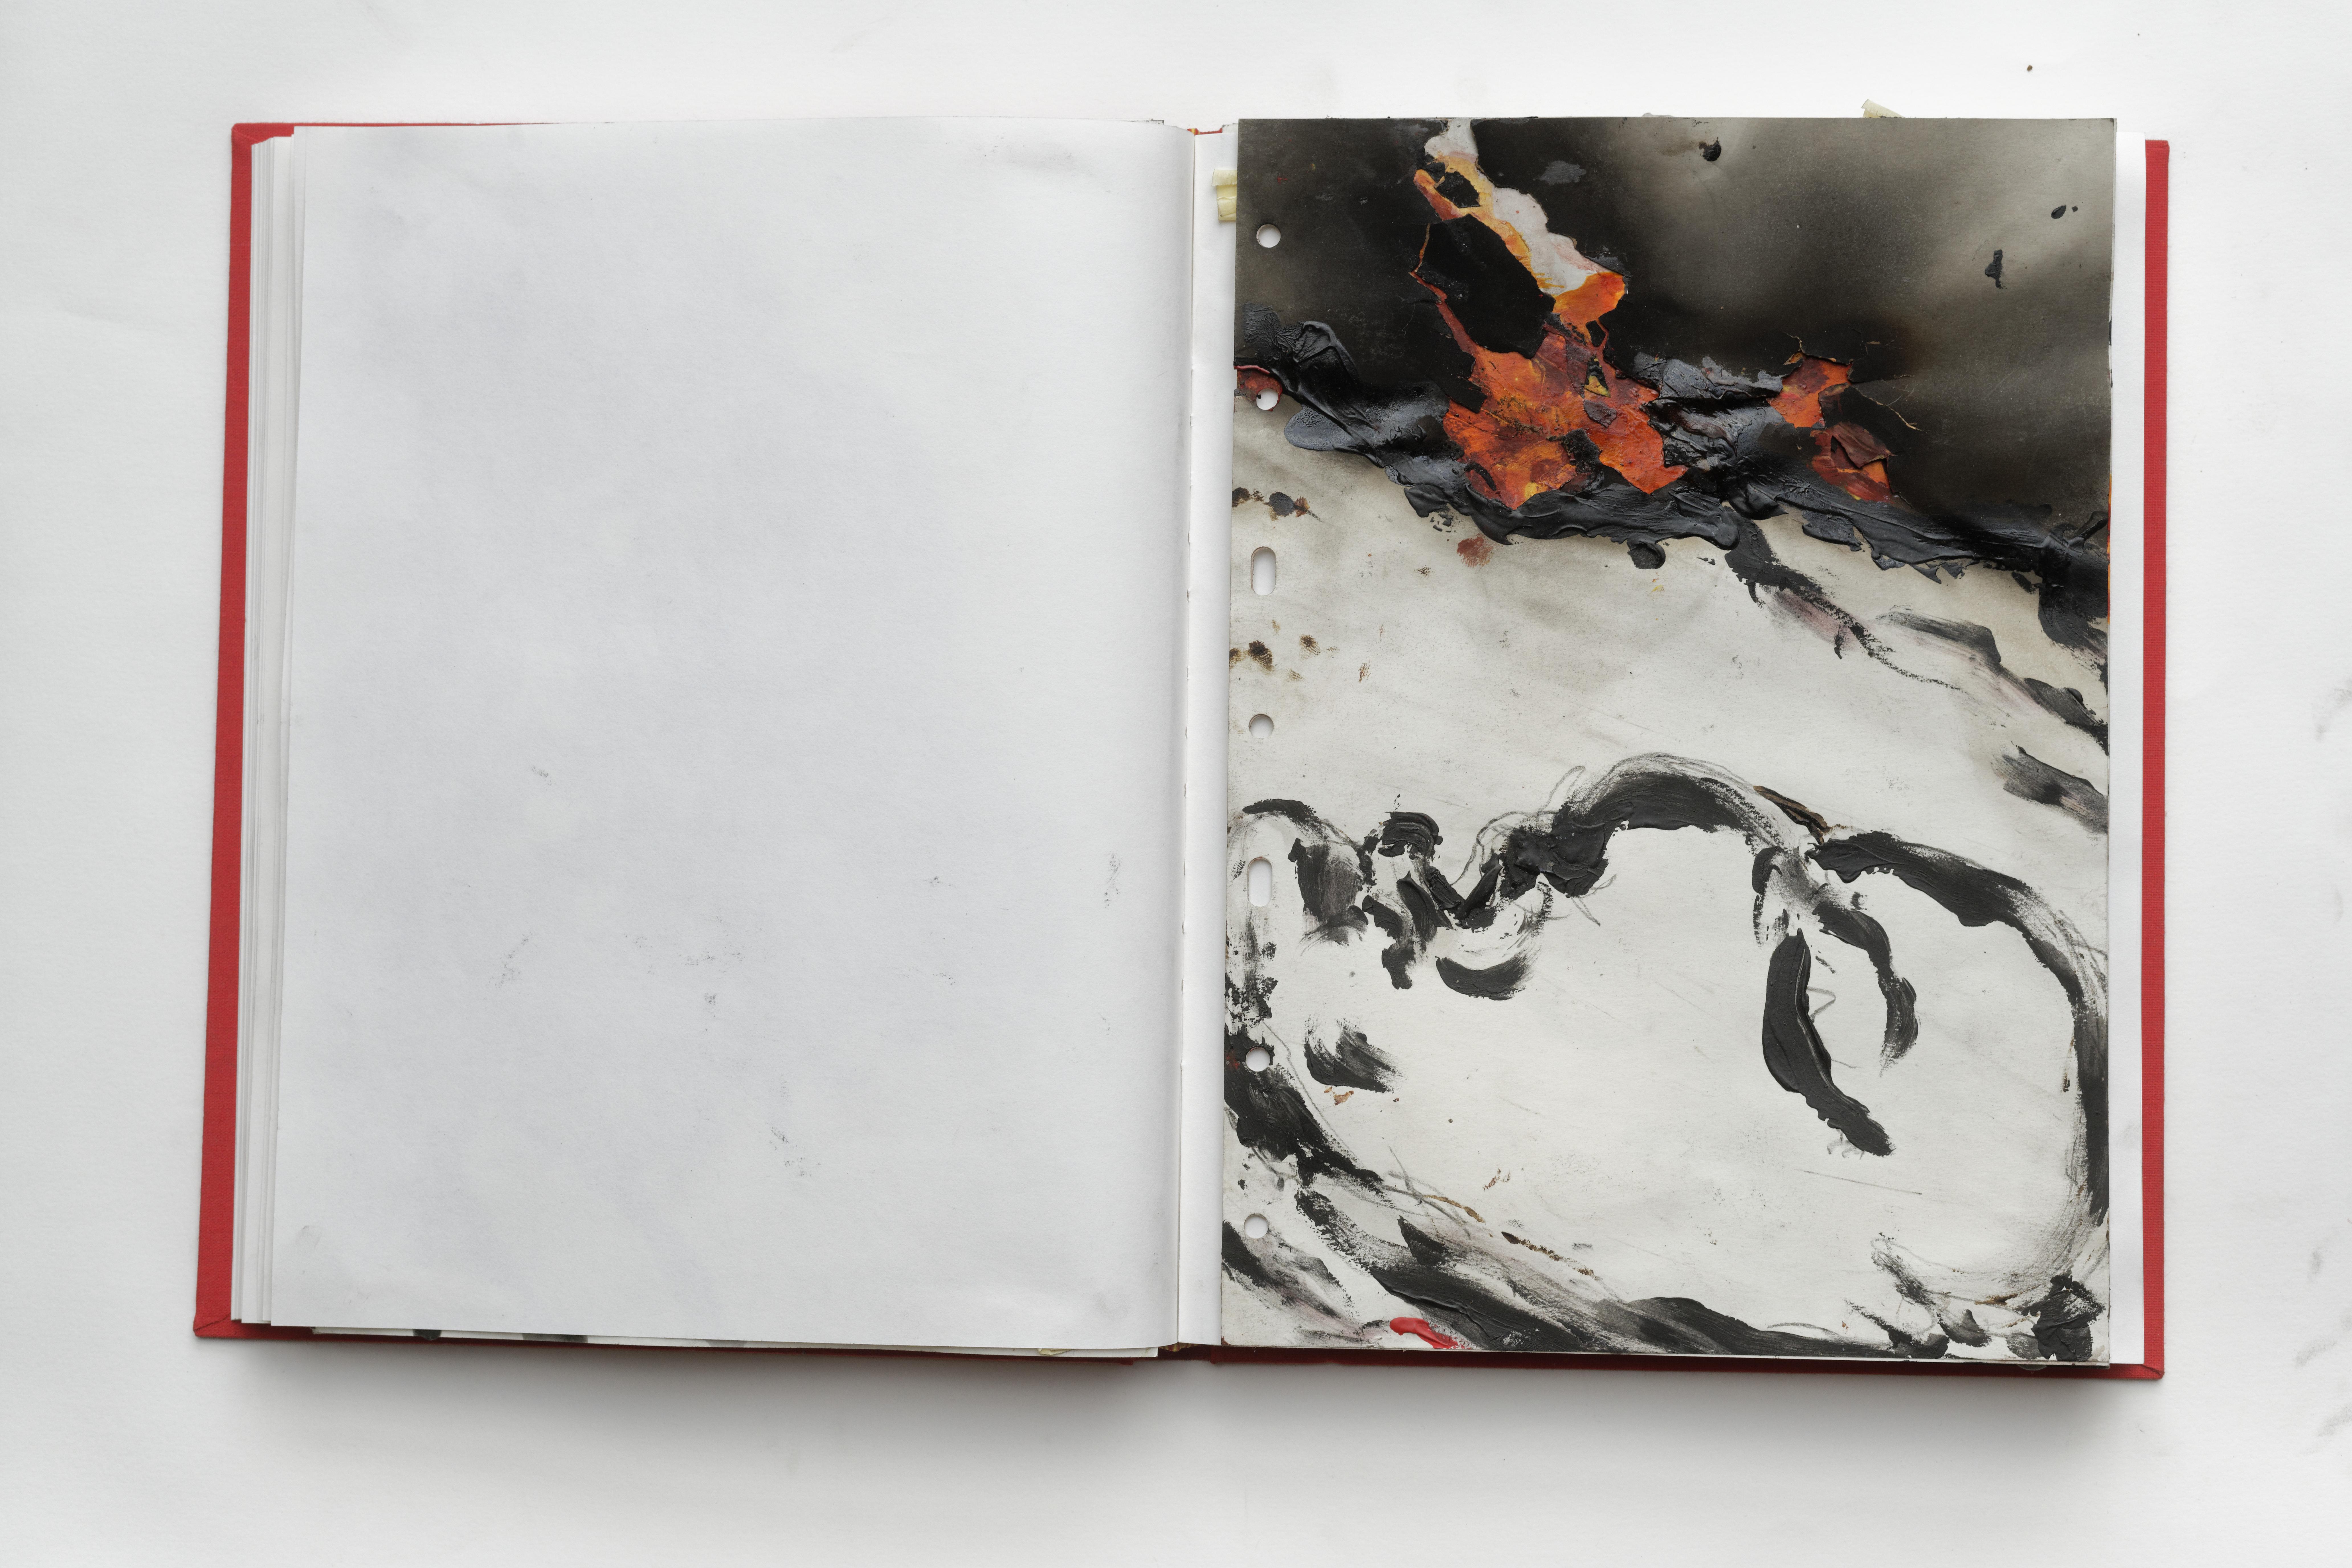 Jean-Paul Marcheschi, Les livres rouges, Étude pour l'Oiseau de feu, 1995 © Stephan Meyer